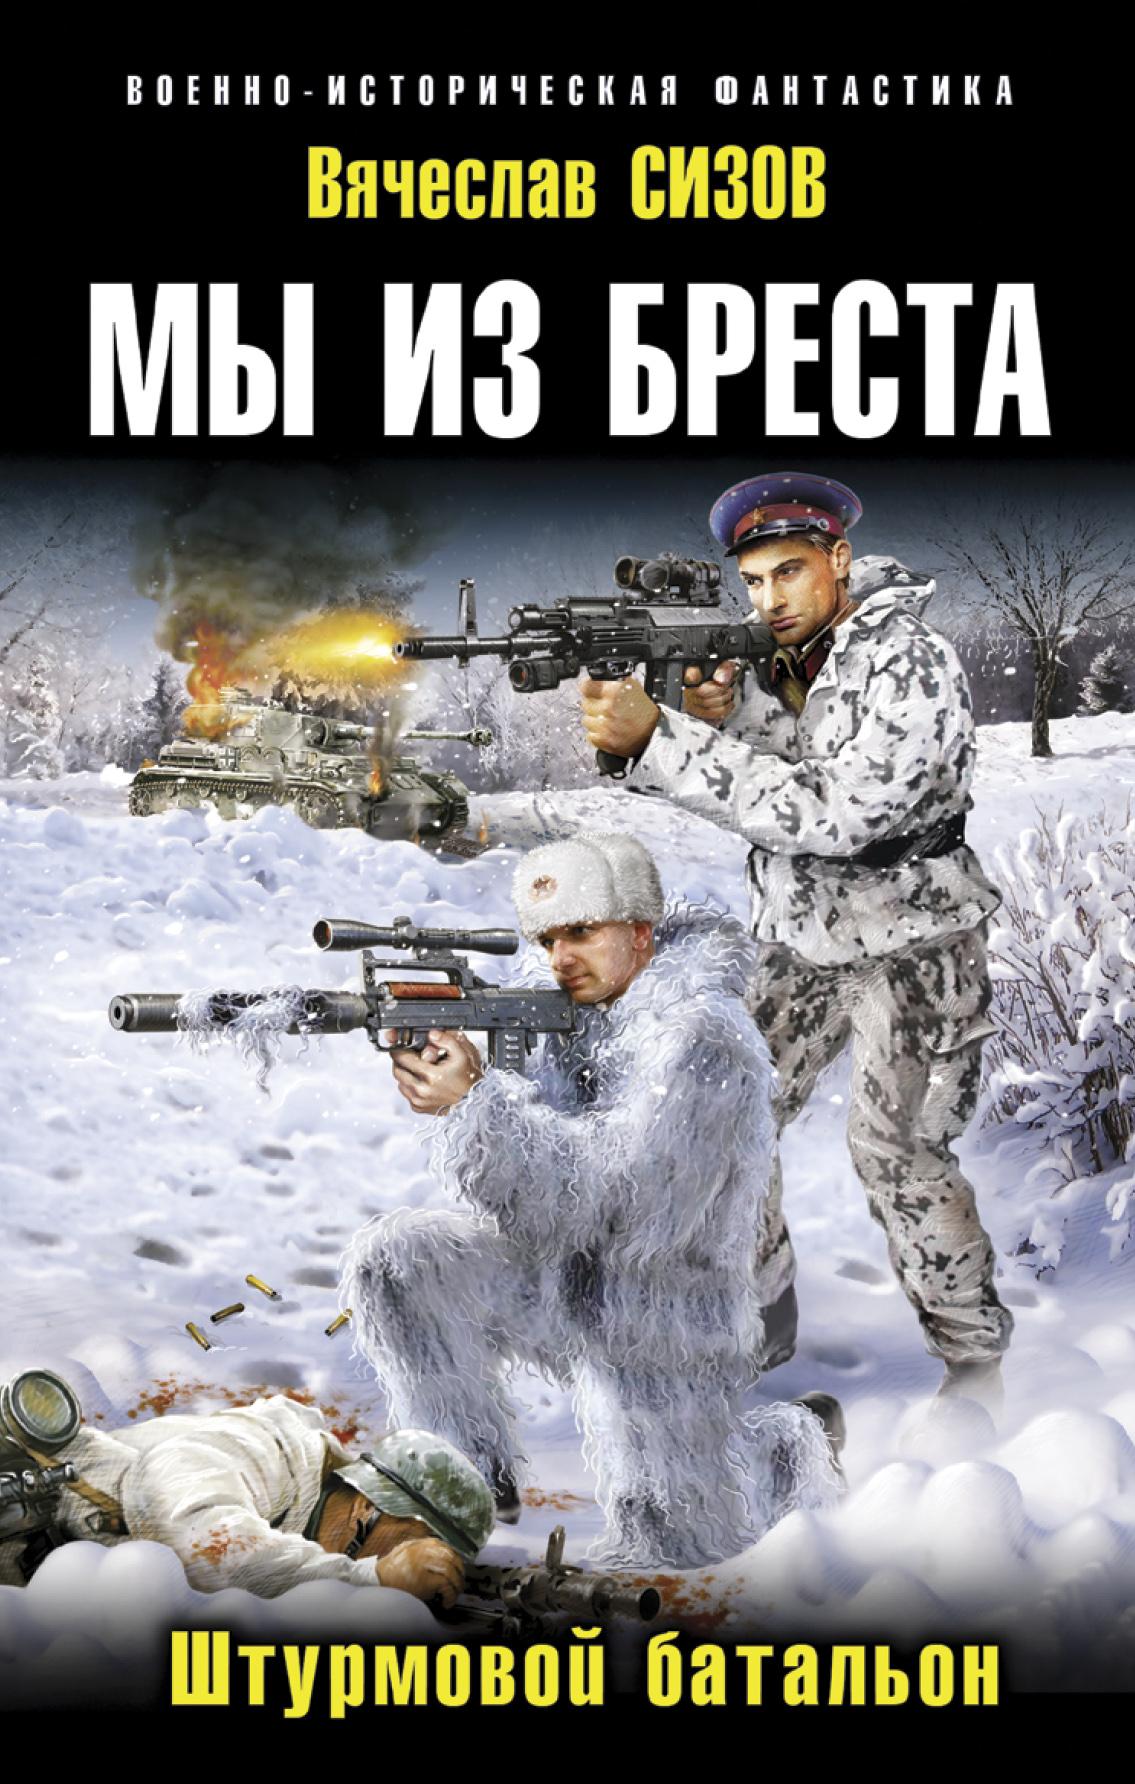 Скачать бесплатно книги военно историческая фантастика